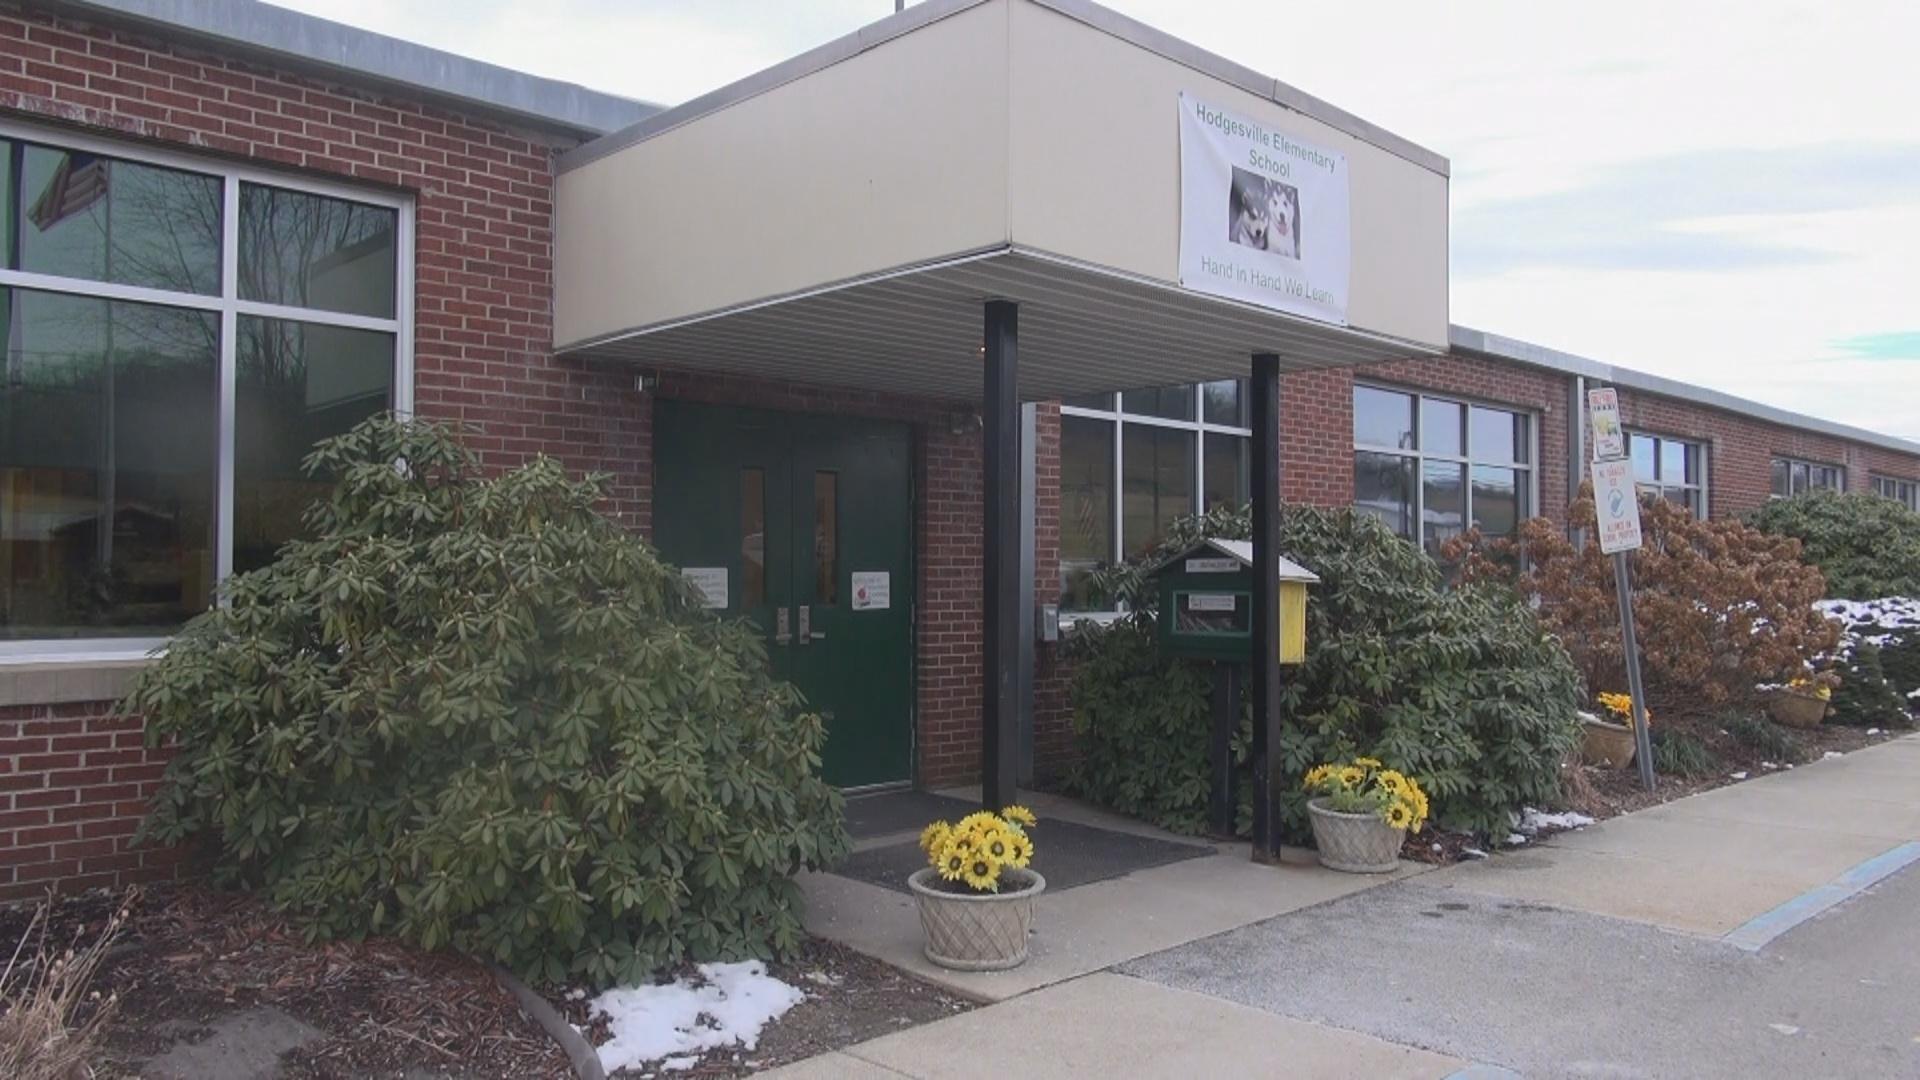 Hodgesville Elementary_1544653659618.jpg.jpg